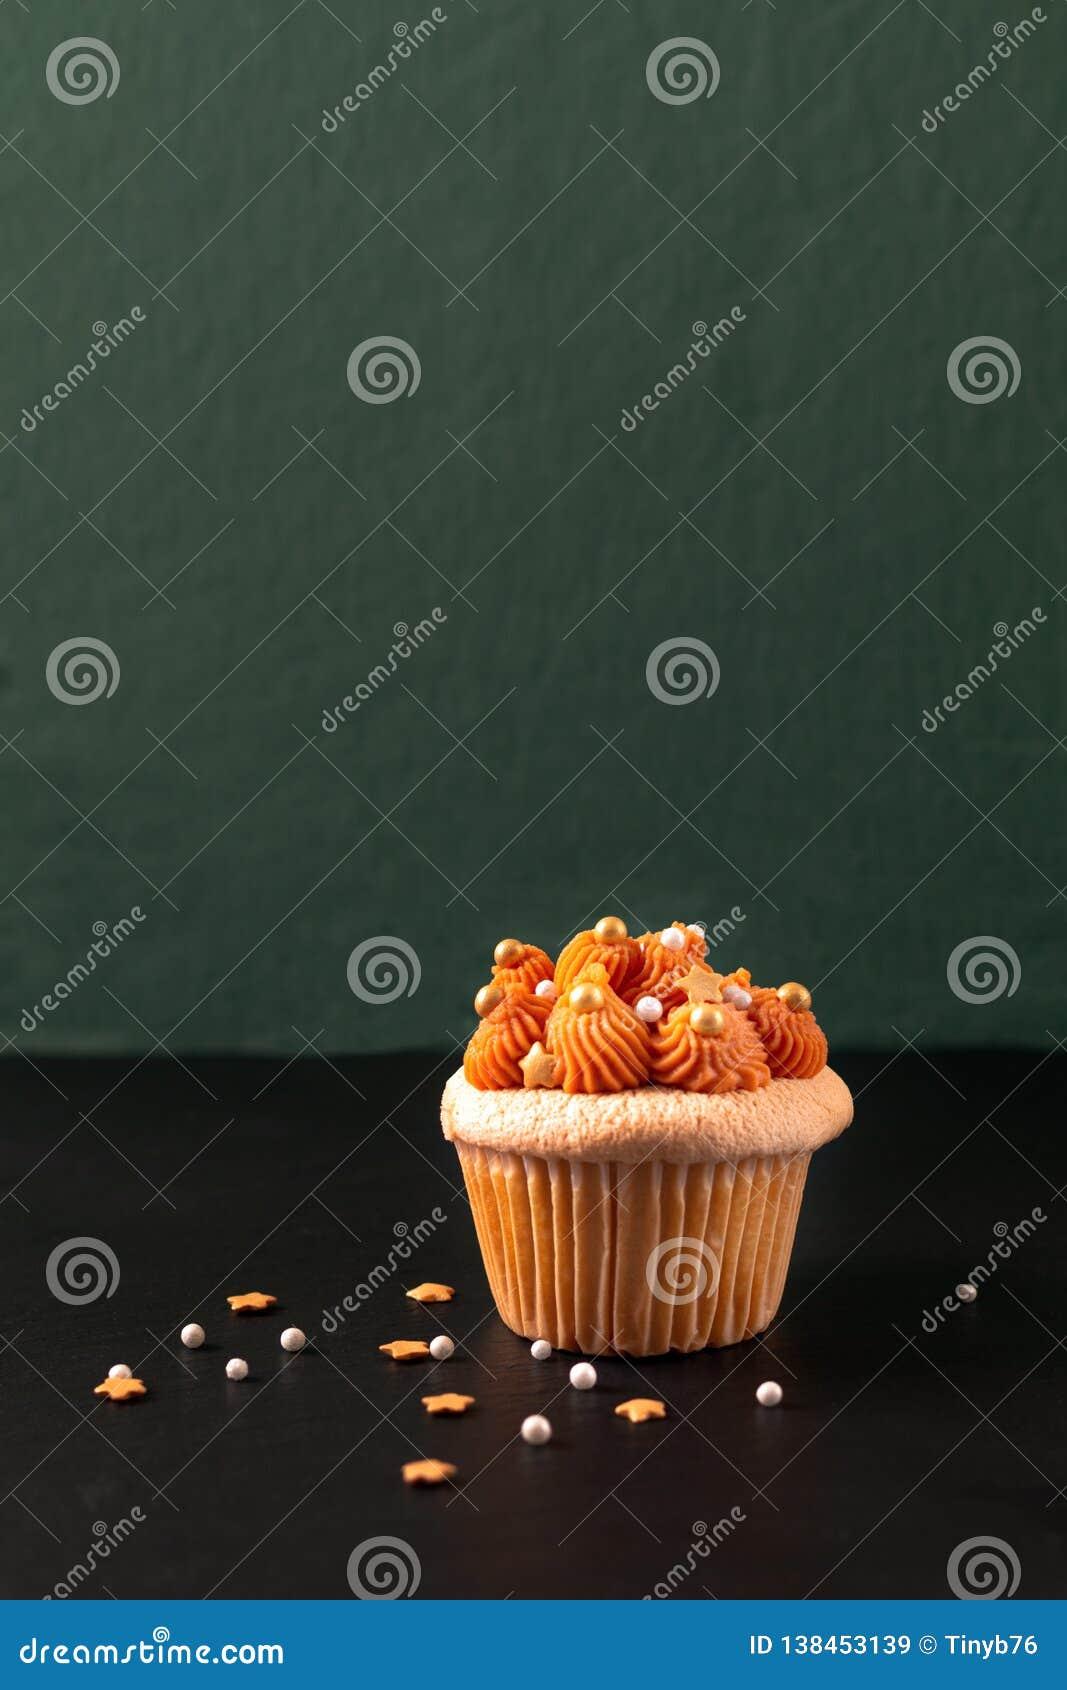 Σπιτικό τσάι πάγου τροφίμων ταϊλανδικό cupcake στο μαύρο πίνακα πλακών και το πράσινο υπόβαθρο με το διάστημα αντιγράφων